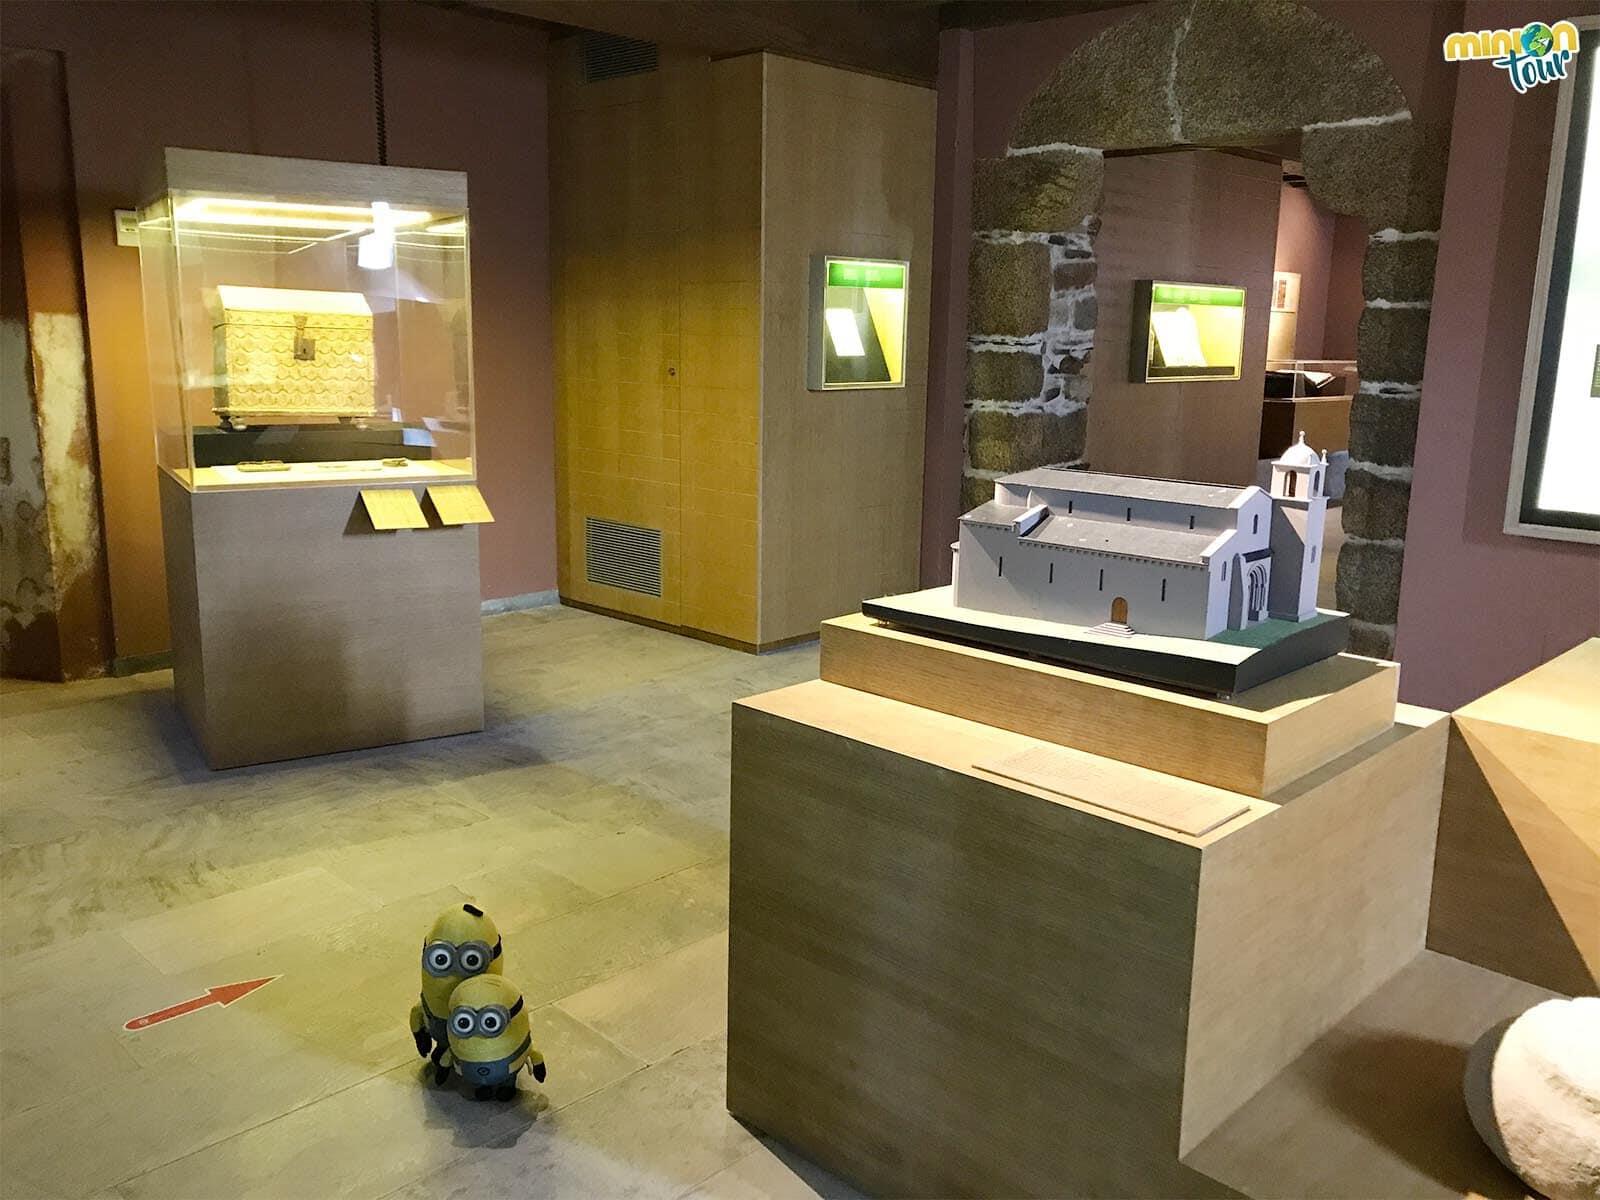 Minions visitando el Museo parroquial de San Martín de Mondoñedo